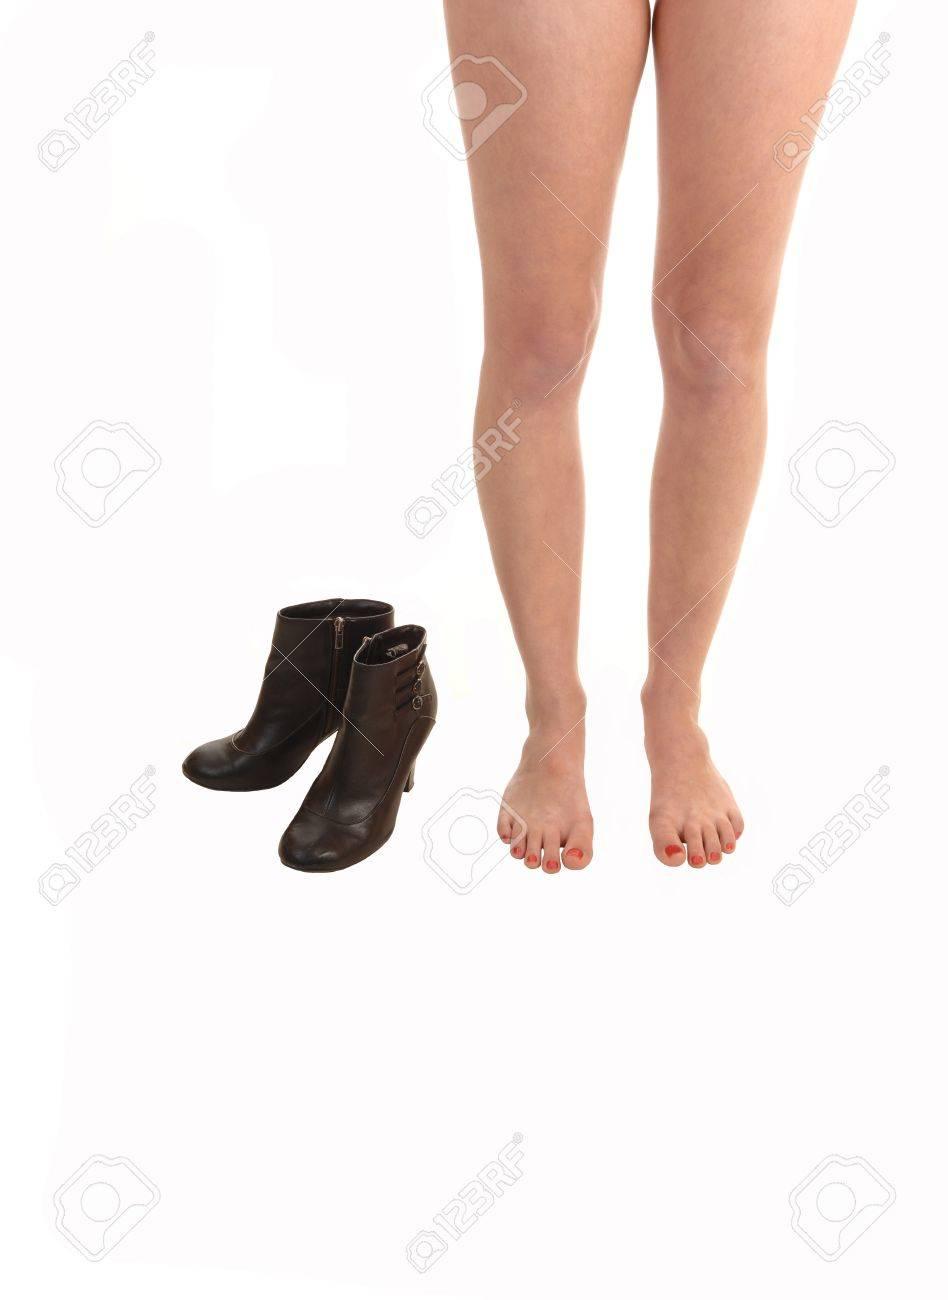 nackte madchen oberschenkel hohe stiefel